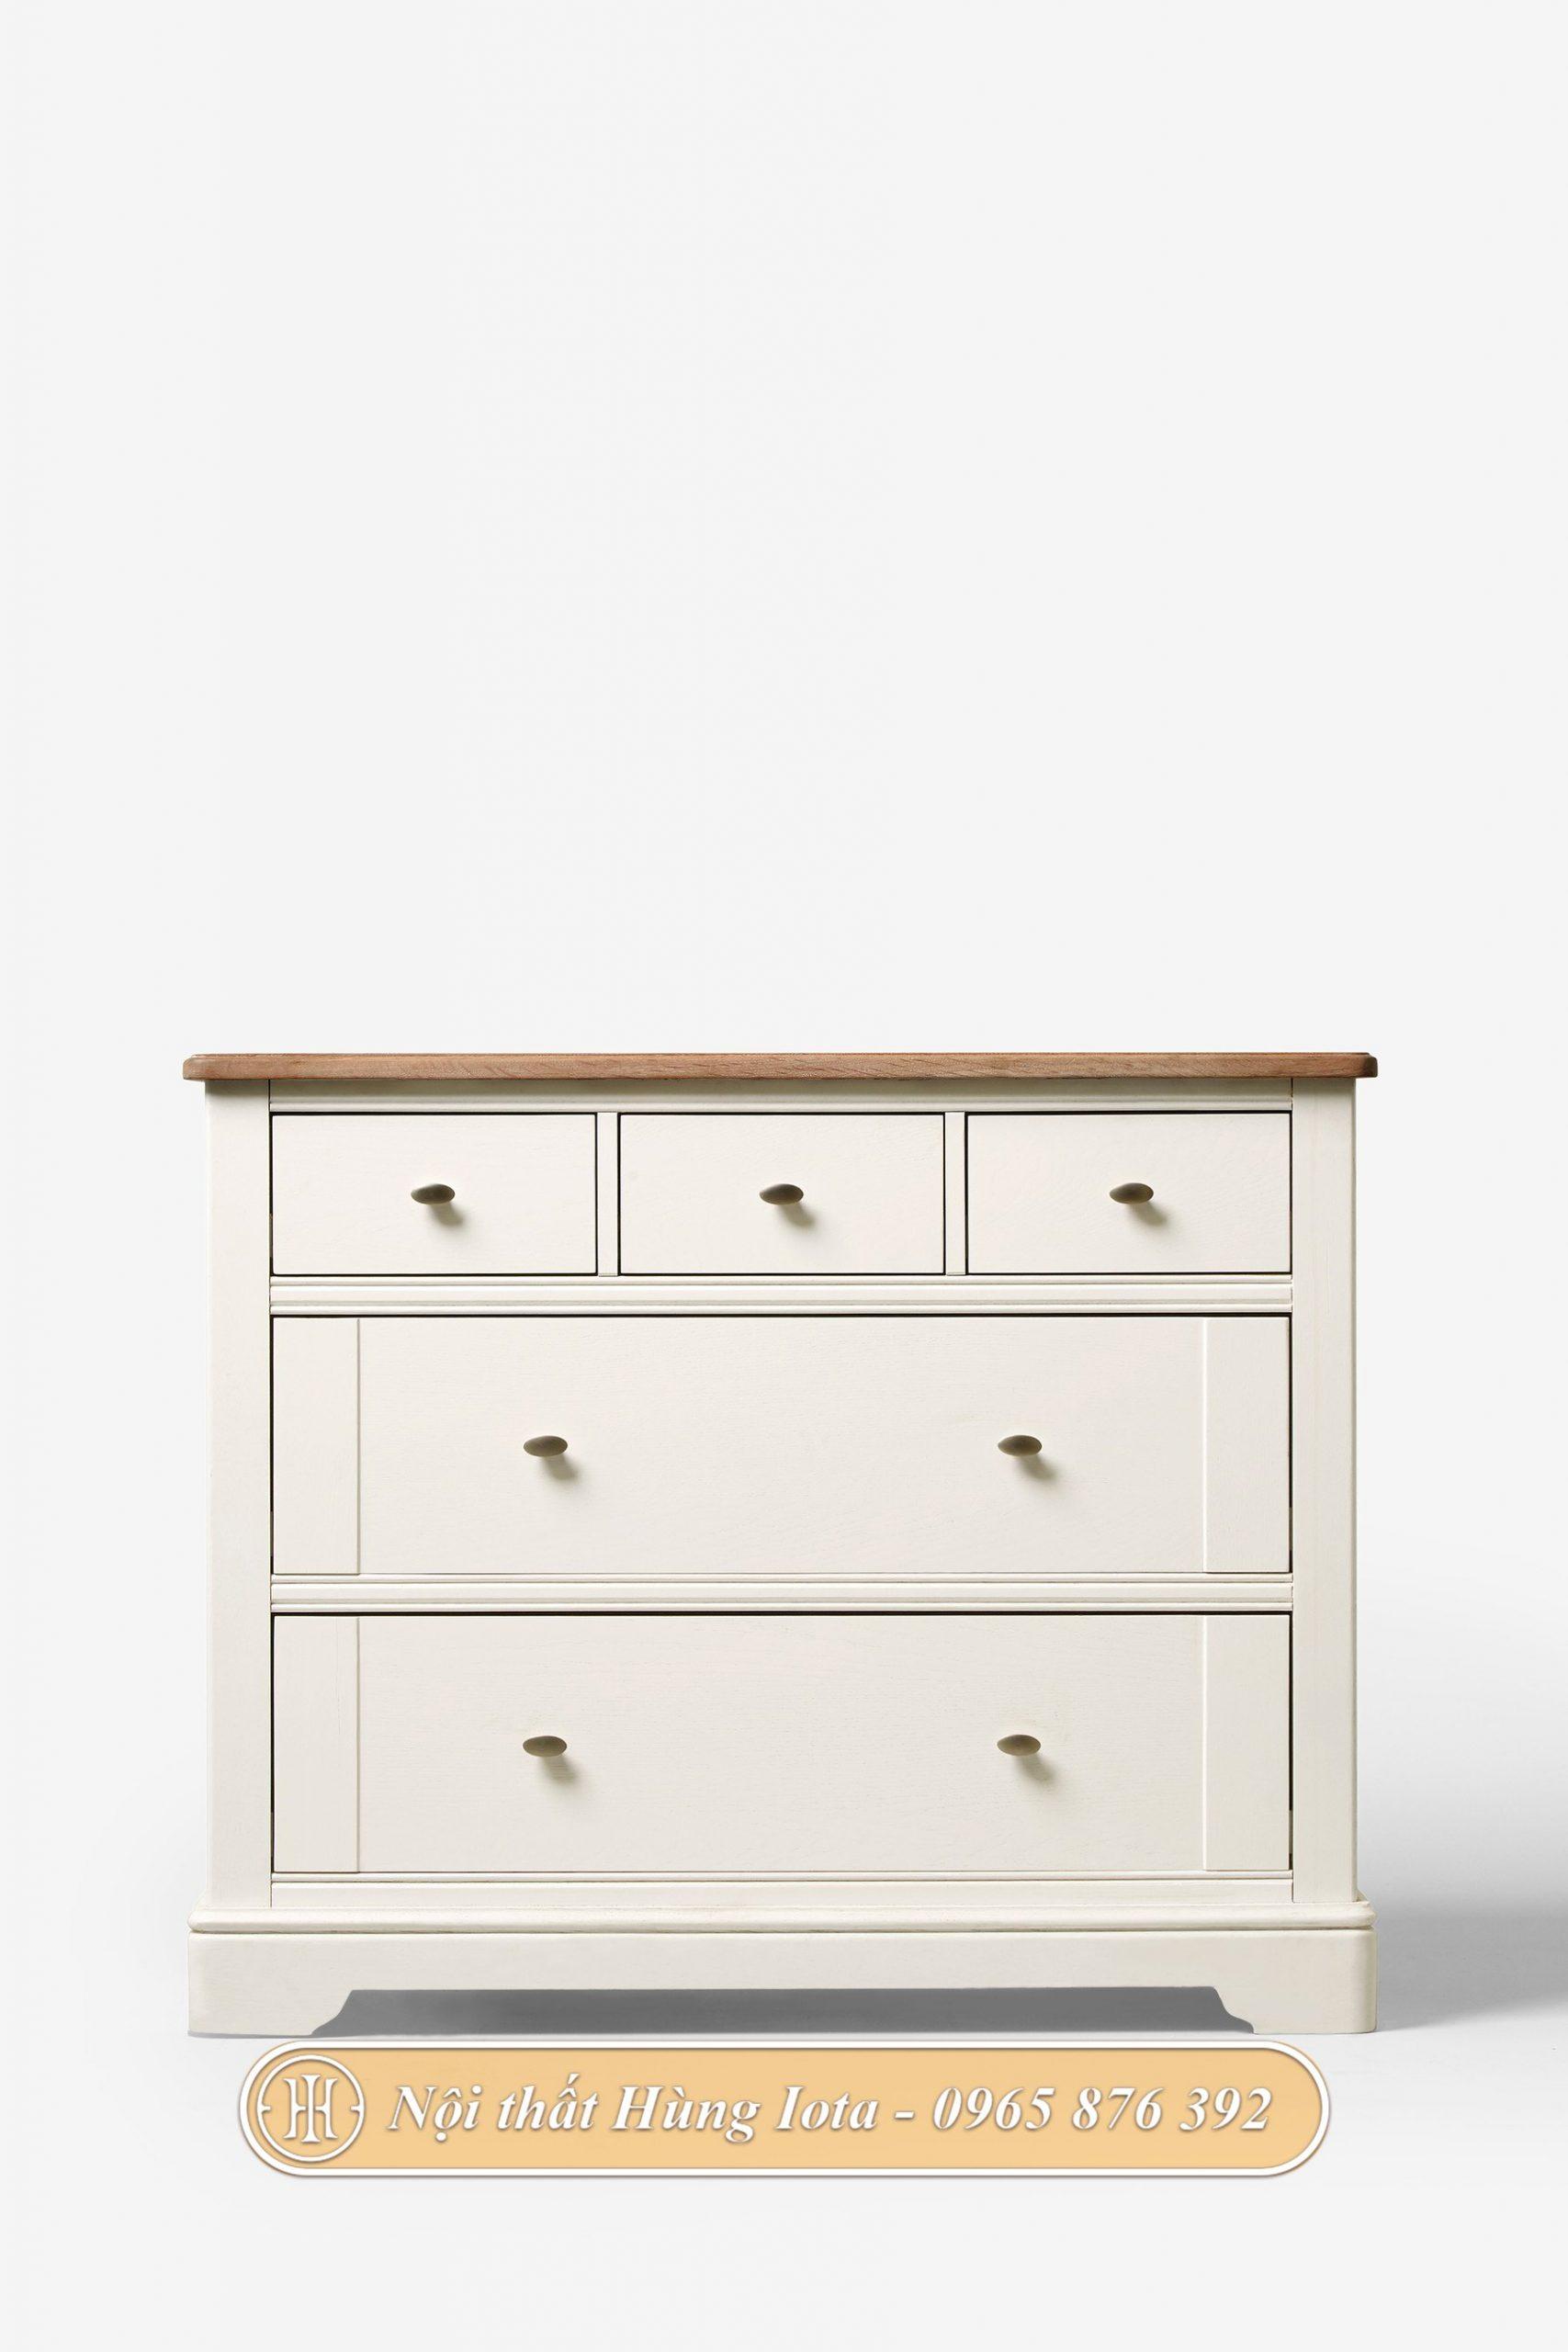 Tủ đựng đồ bằng gỗ chất lượng giá rẻ